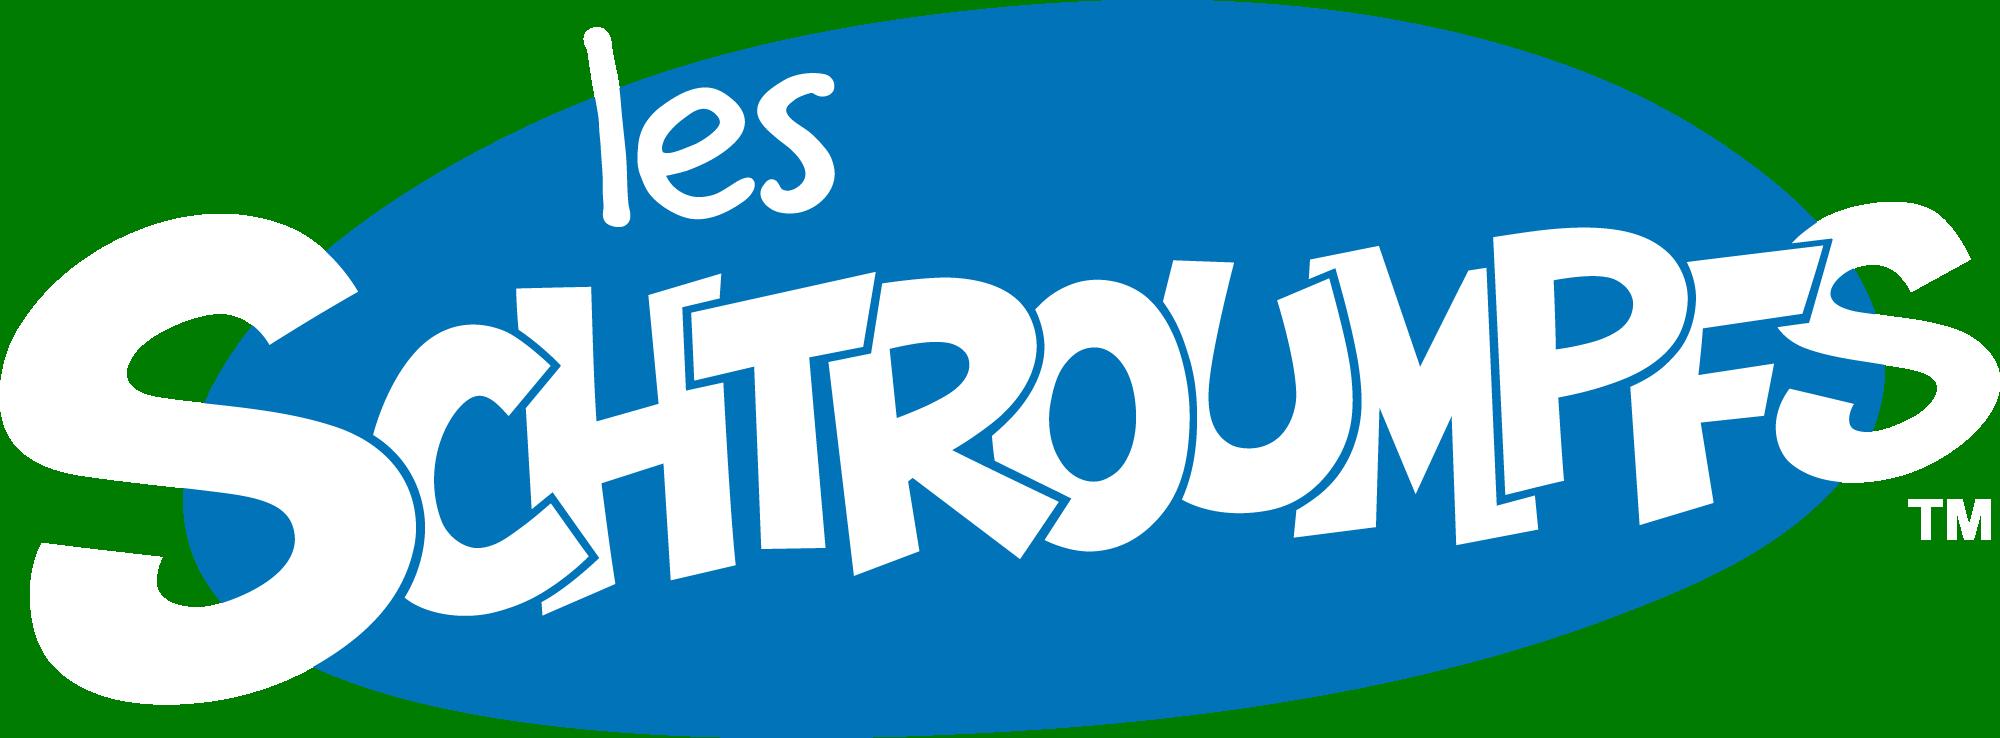 Les Schtroumpfs - la série bande dessinée jeunesse créée par Peyo